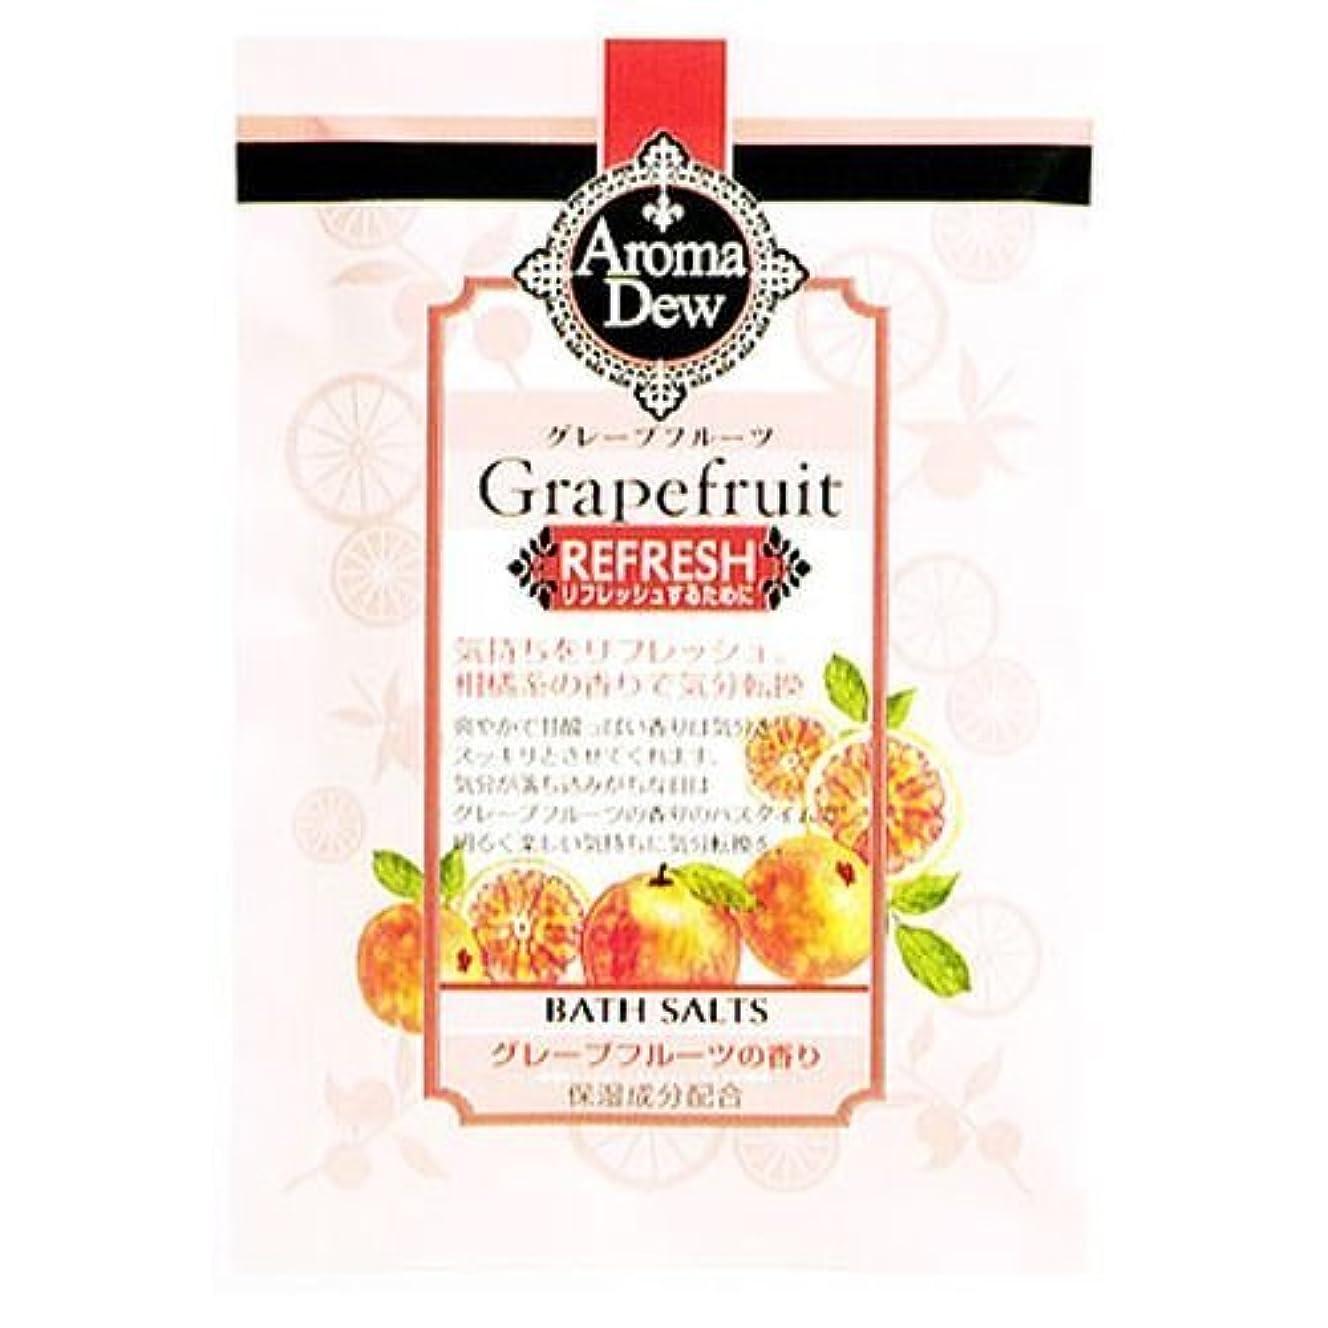 曖昧な薬経験的クロバーコーポレーション アロマデュウ バスソルト グレープフルーツの香り グレープフルーツ